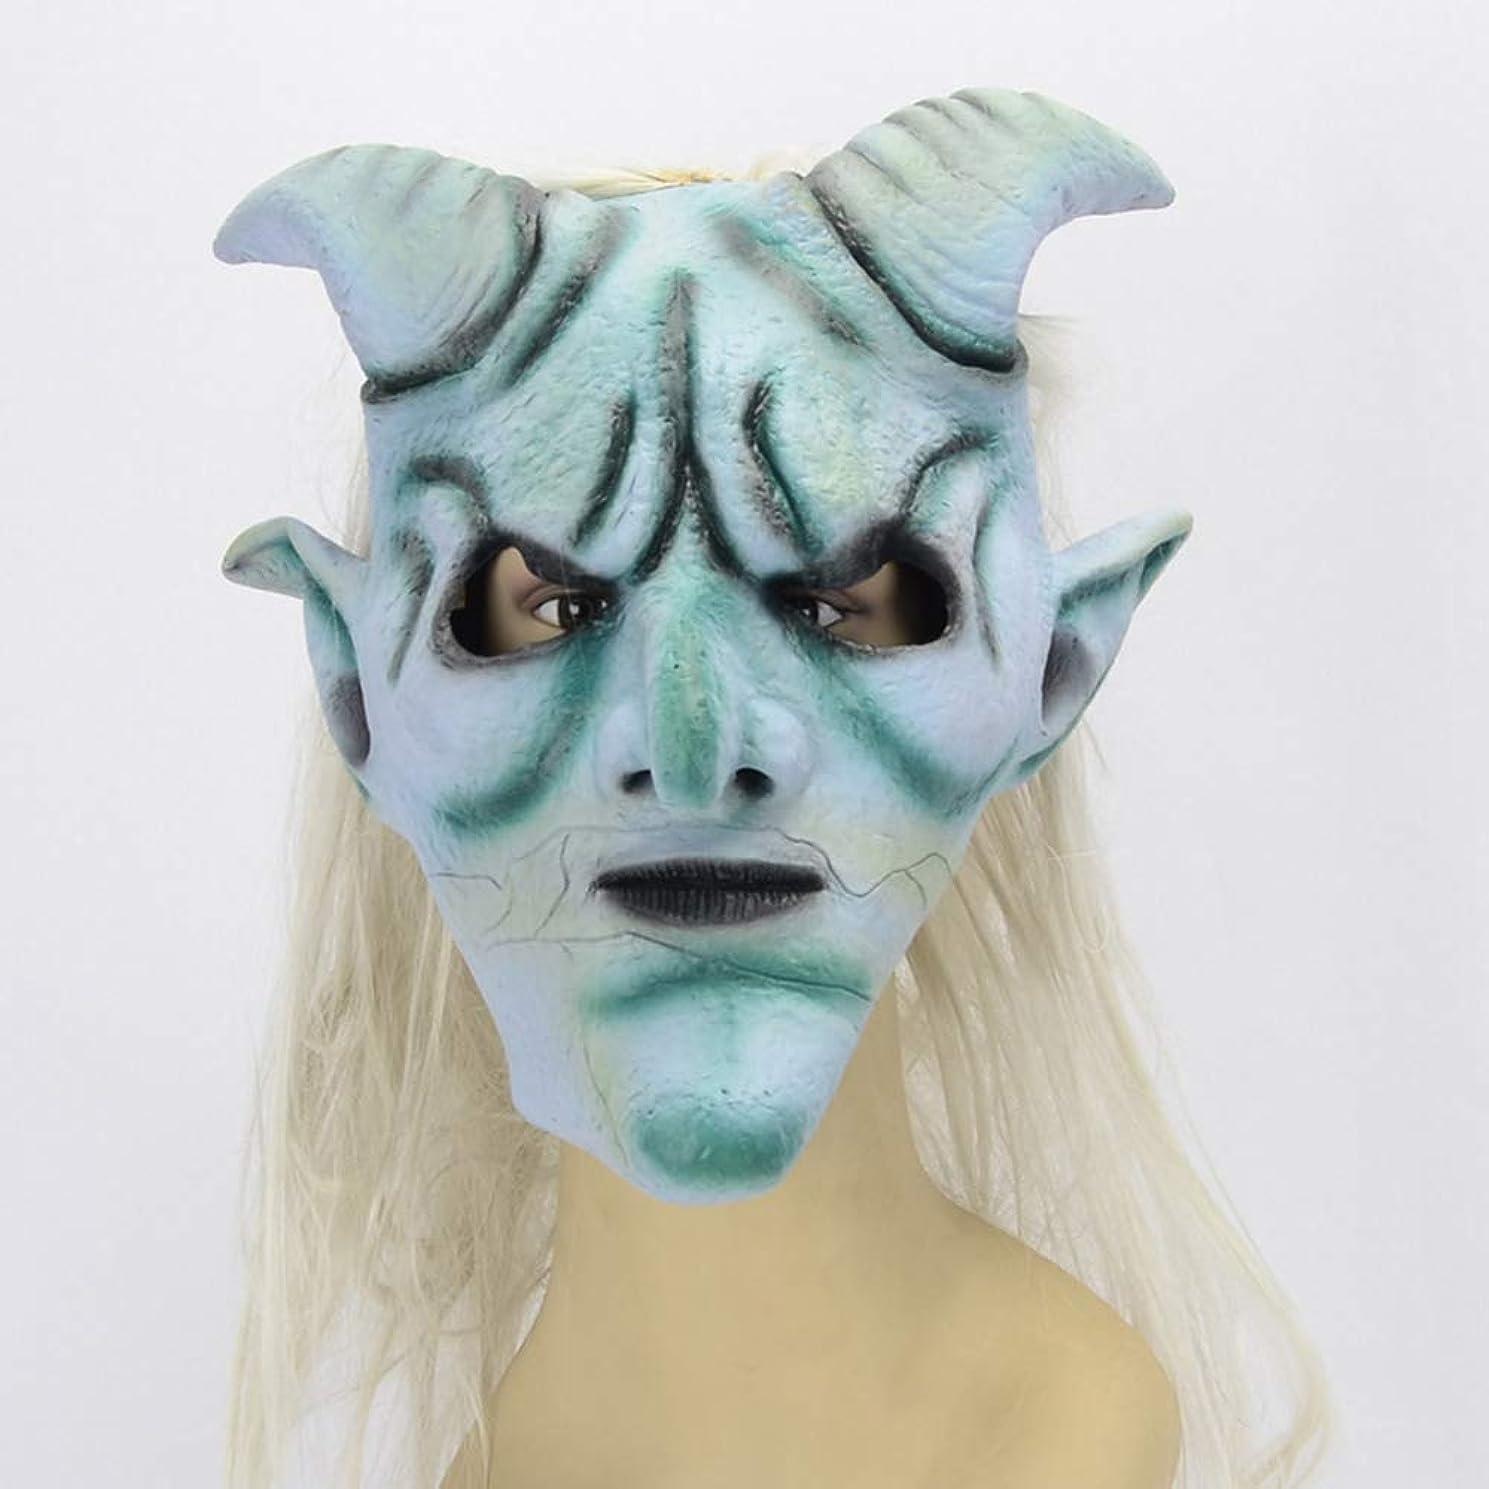 ボード規範ピボットマスク、ハロウィーンマスク、ミラーマスク、悪魔デーモンマスク、いたずらに使用することができます